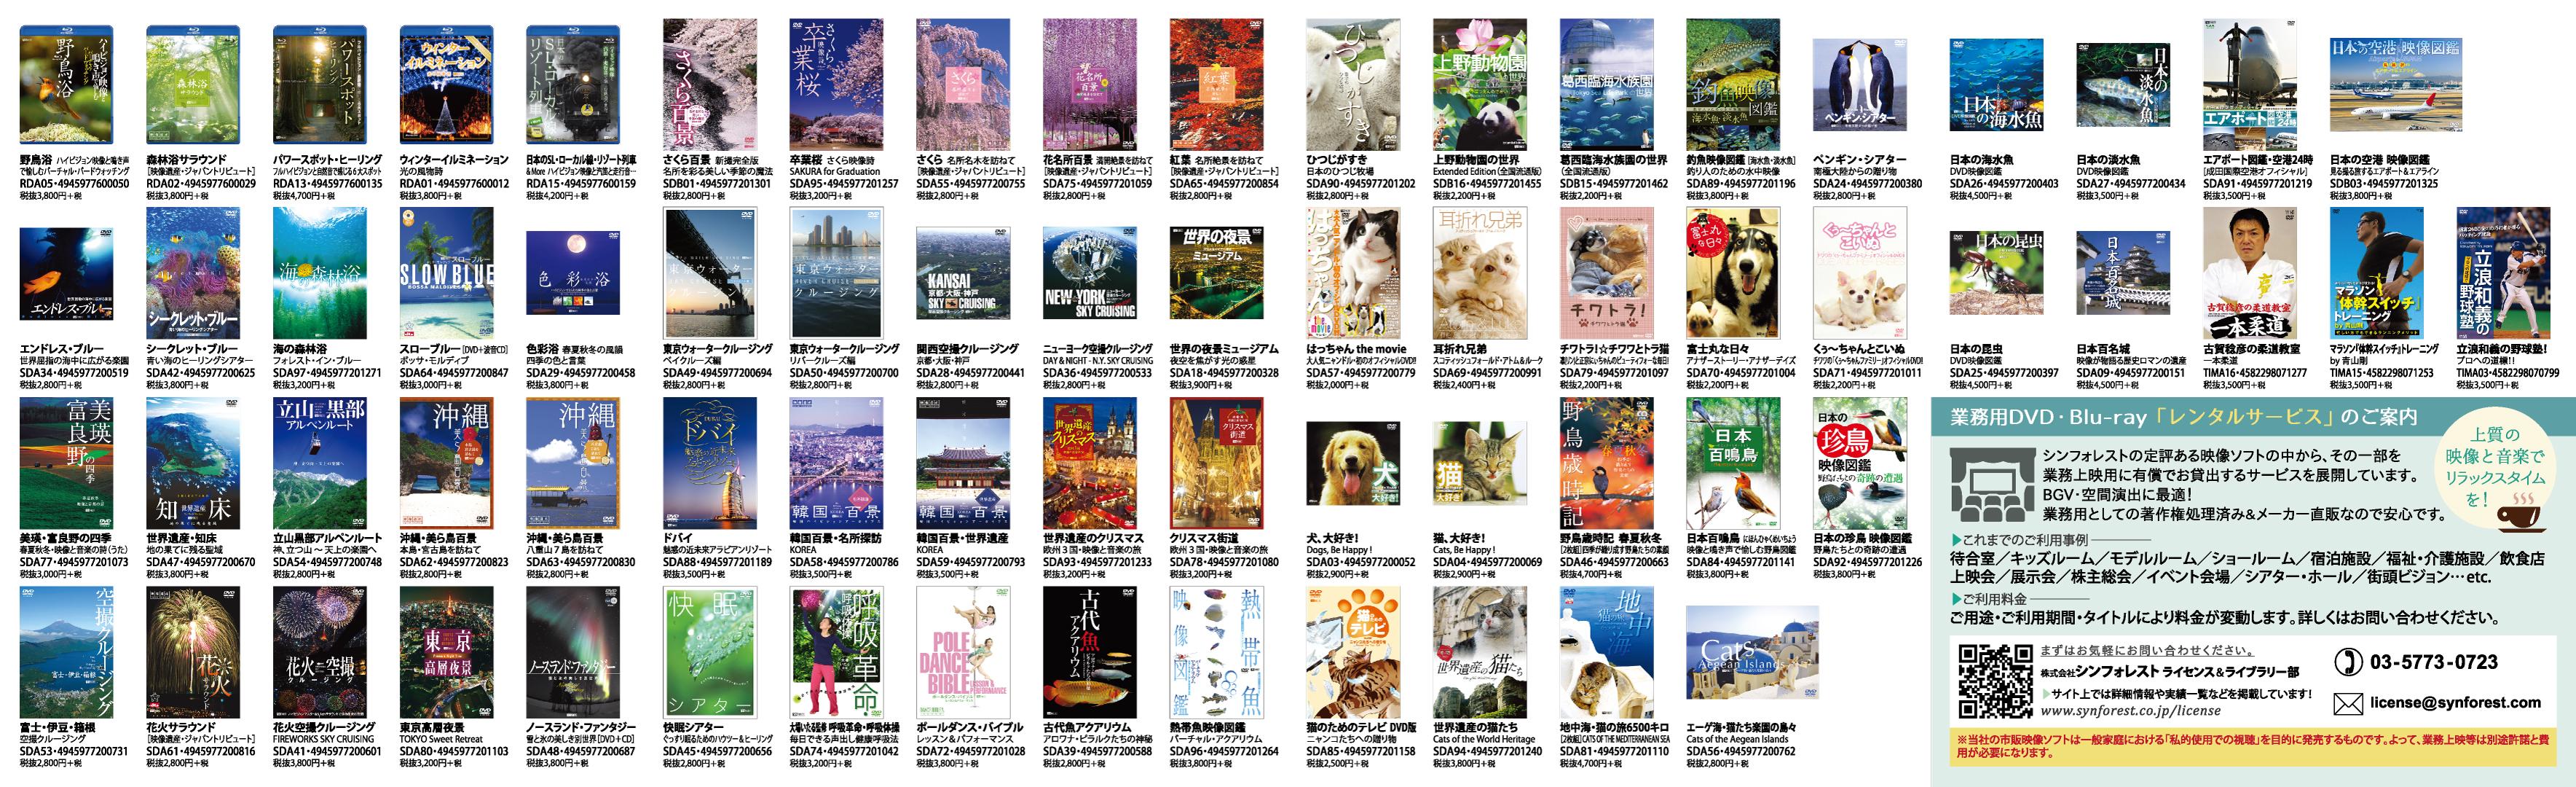 シンフォレスト総合カタログ-v6-JPEG-2-中面